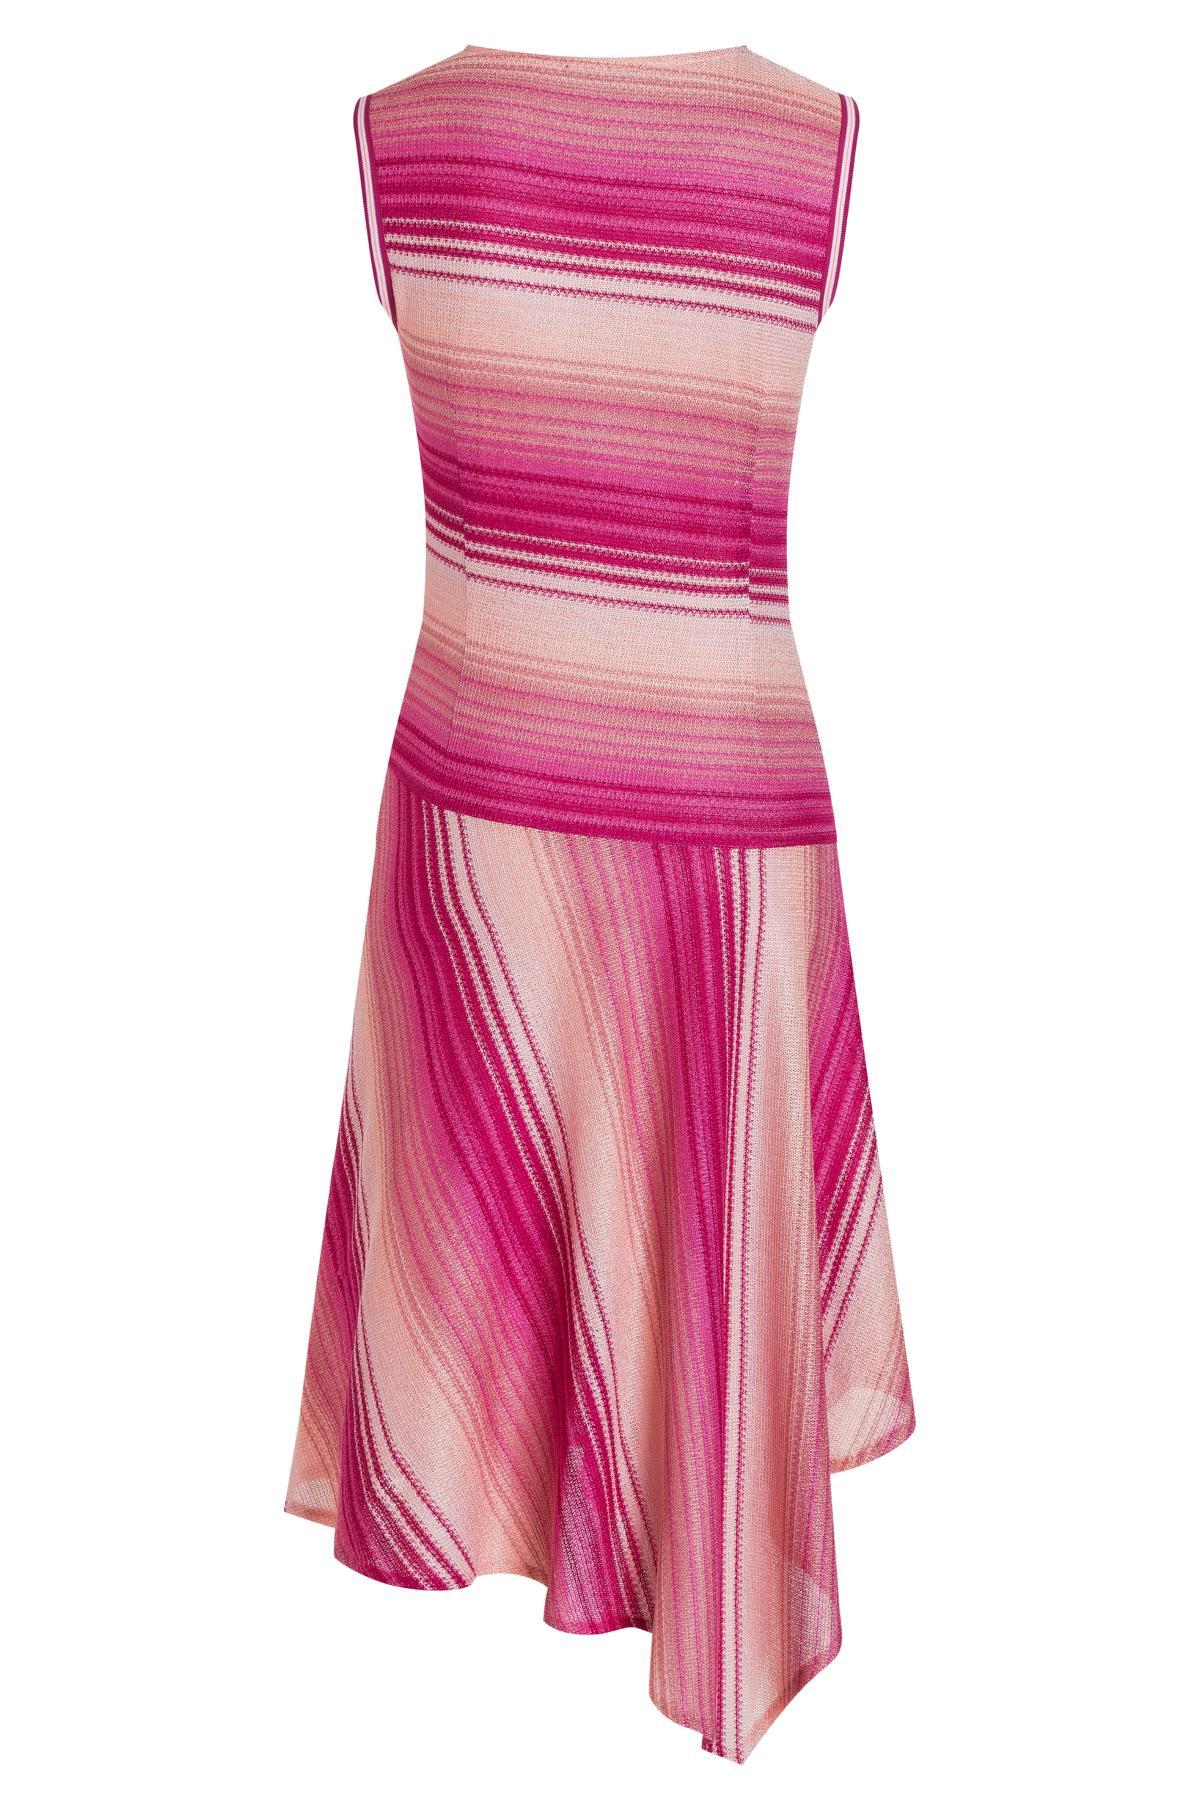 Detailansicht 2 von Ana Alcazar Asymmetrisches Kleid Tosaly